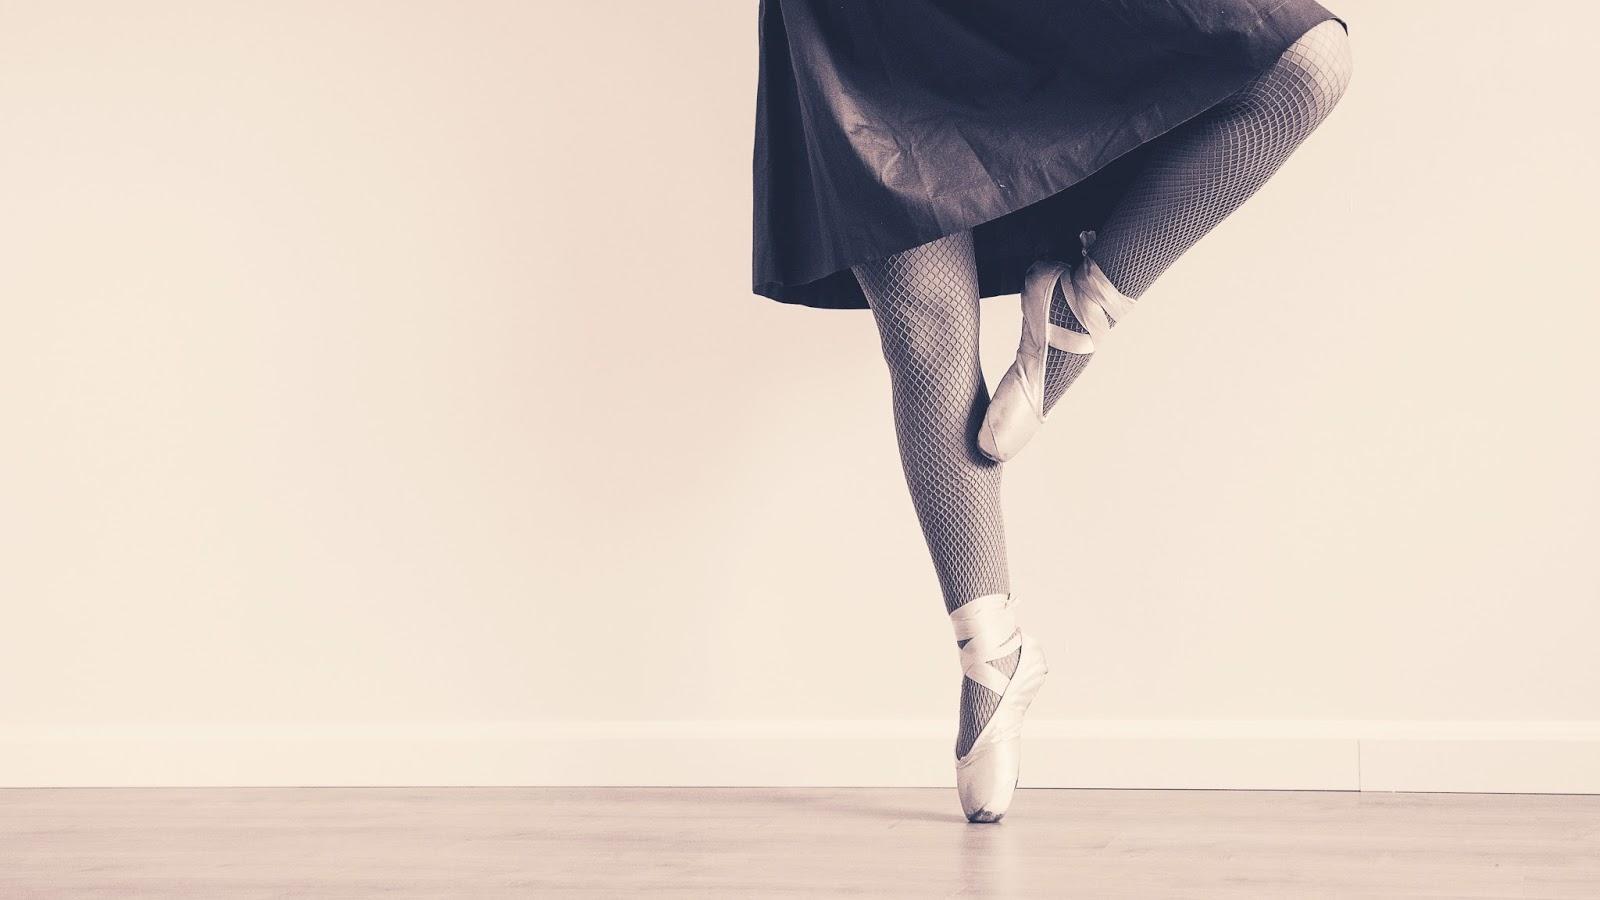 Você vai dançar o balé da vida - 12 cartas em 12 meses